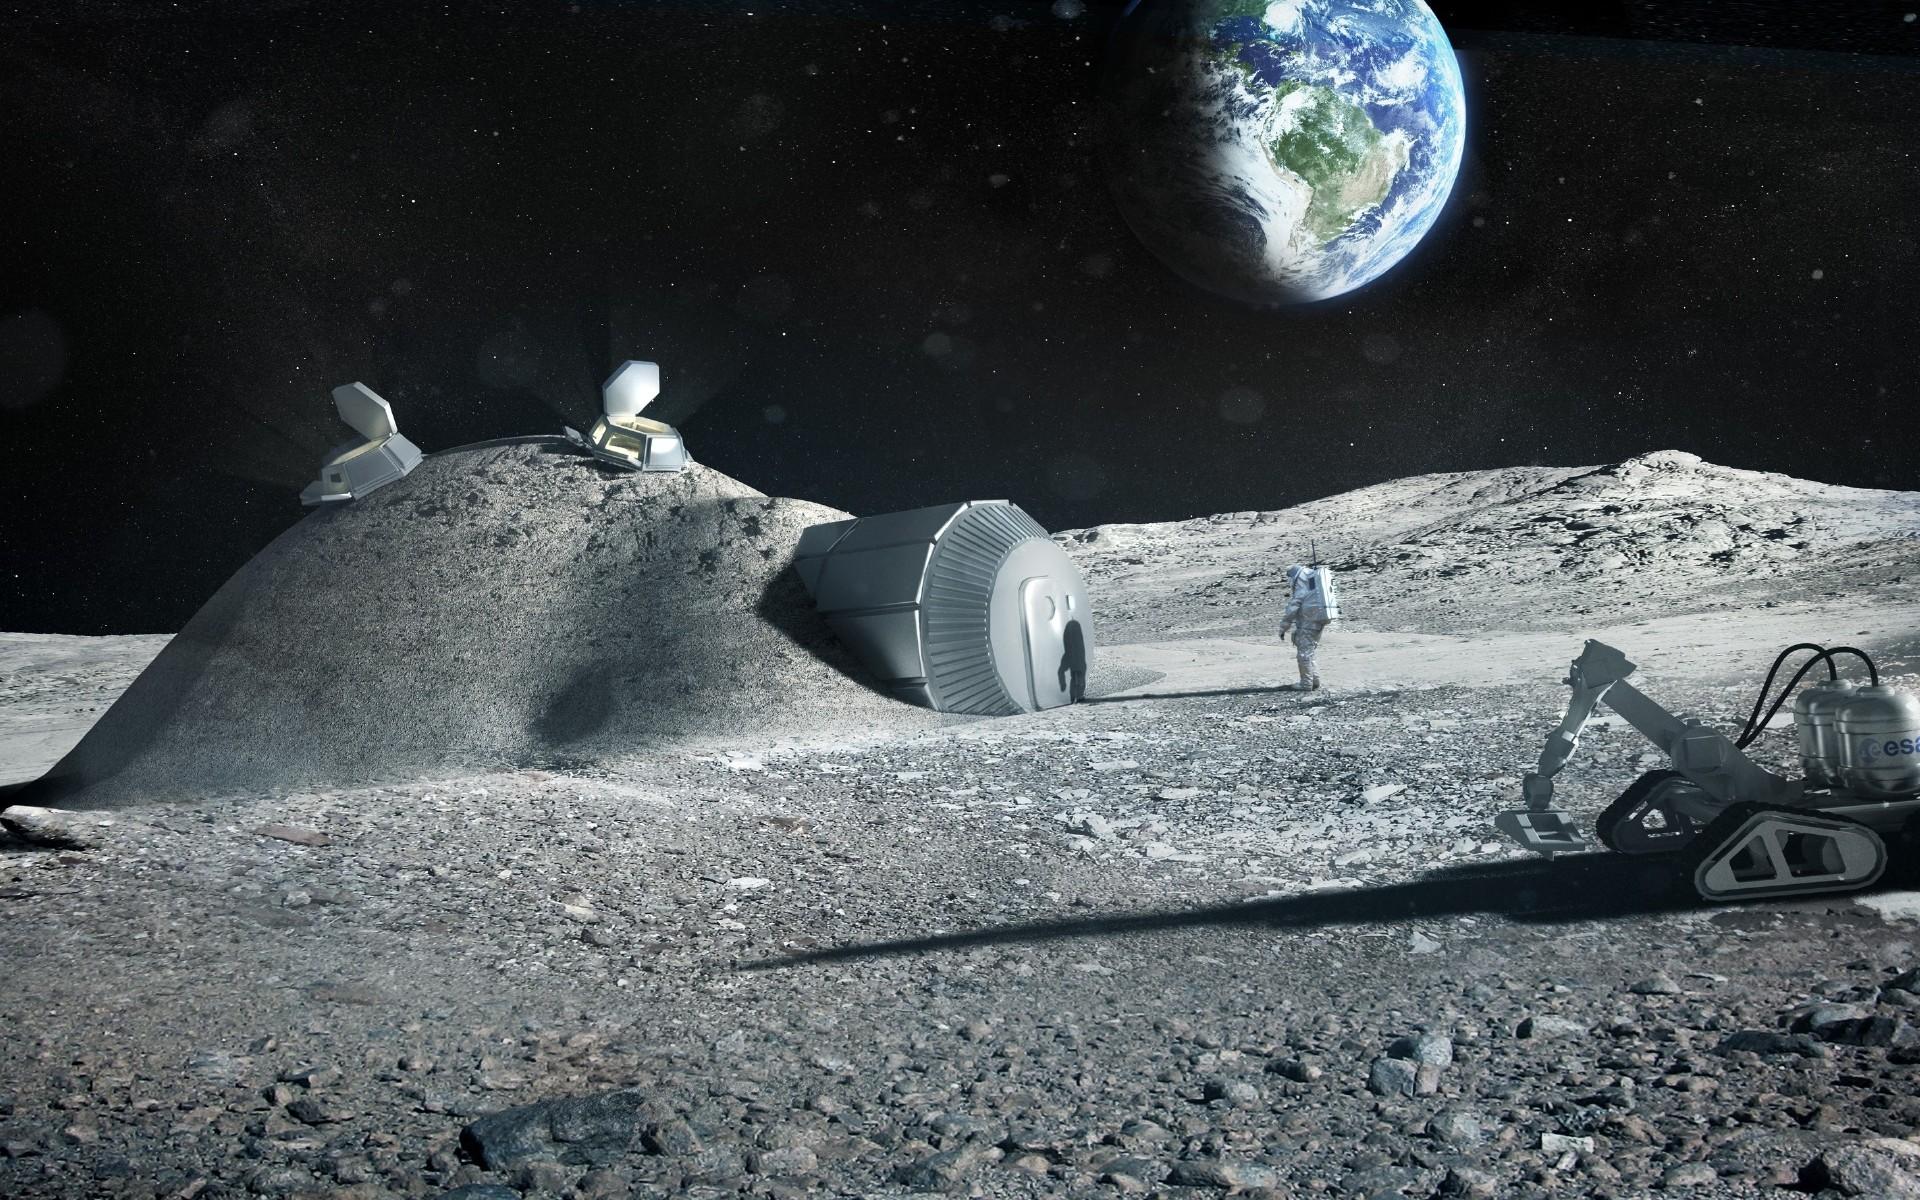 Деревня на Луне откроет для человечества портал в новую эру — Ученые